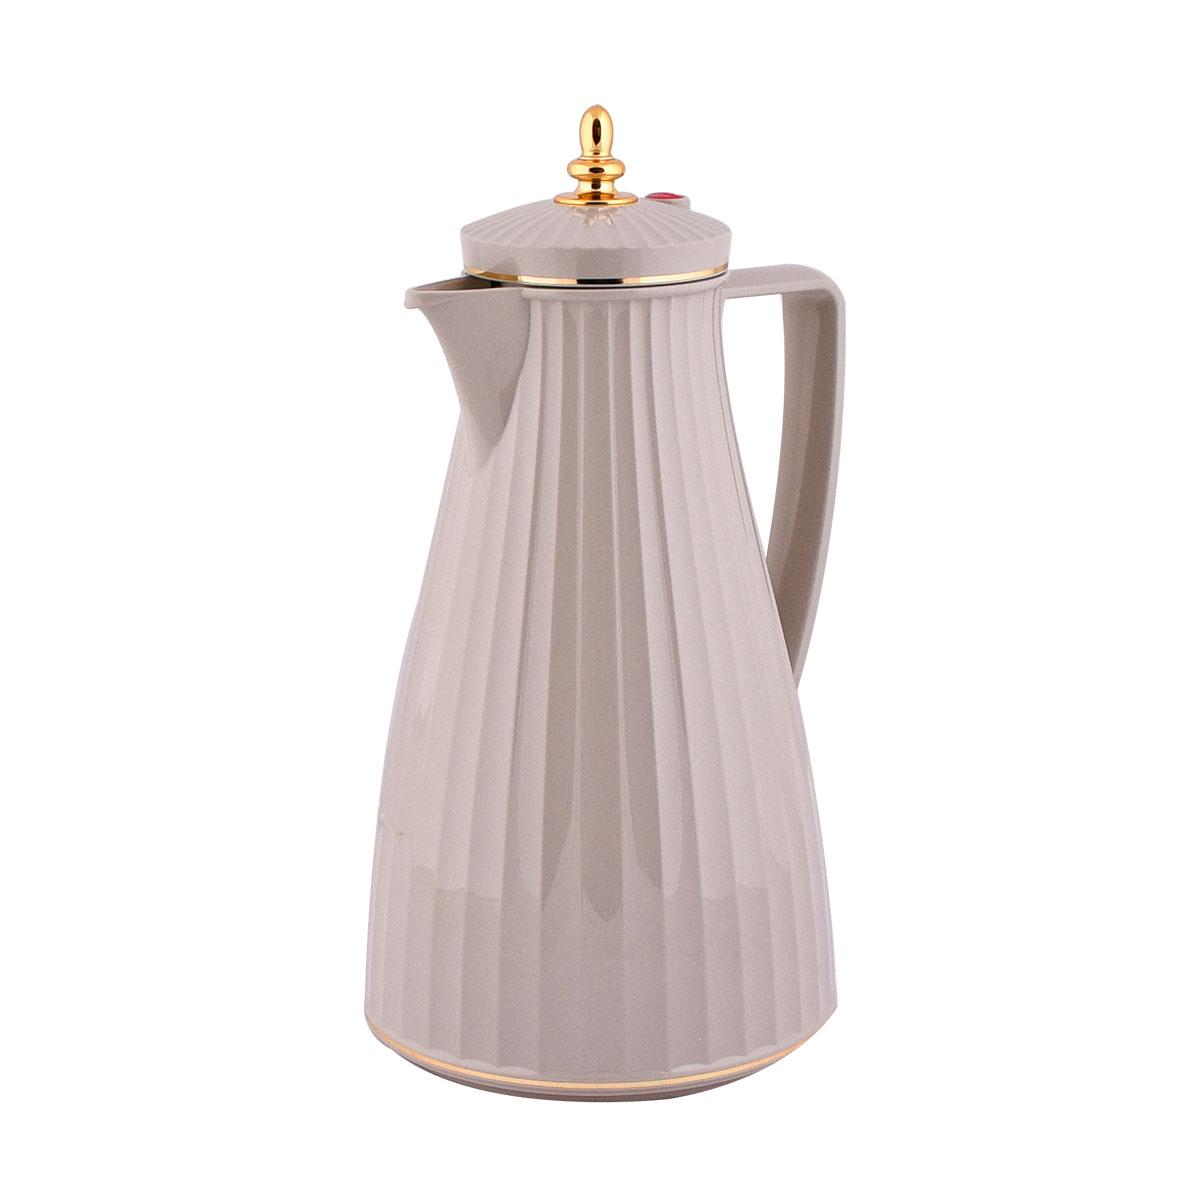 ترمس شاي وقهوة فلورا السيف لون رمادي - 1 لتر  - LSG